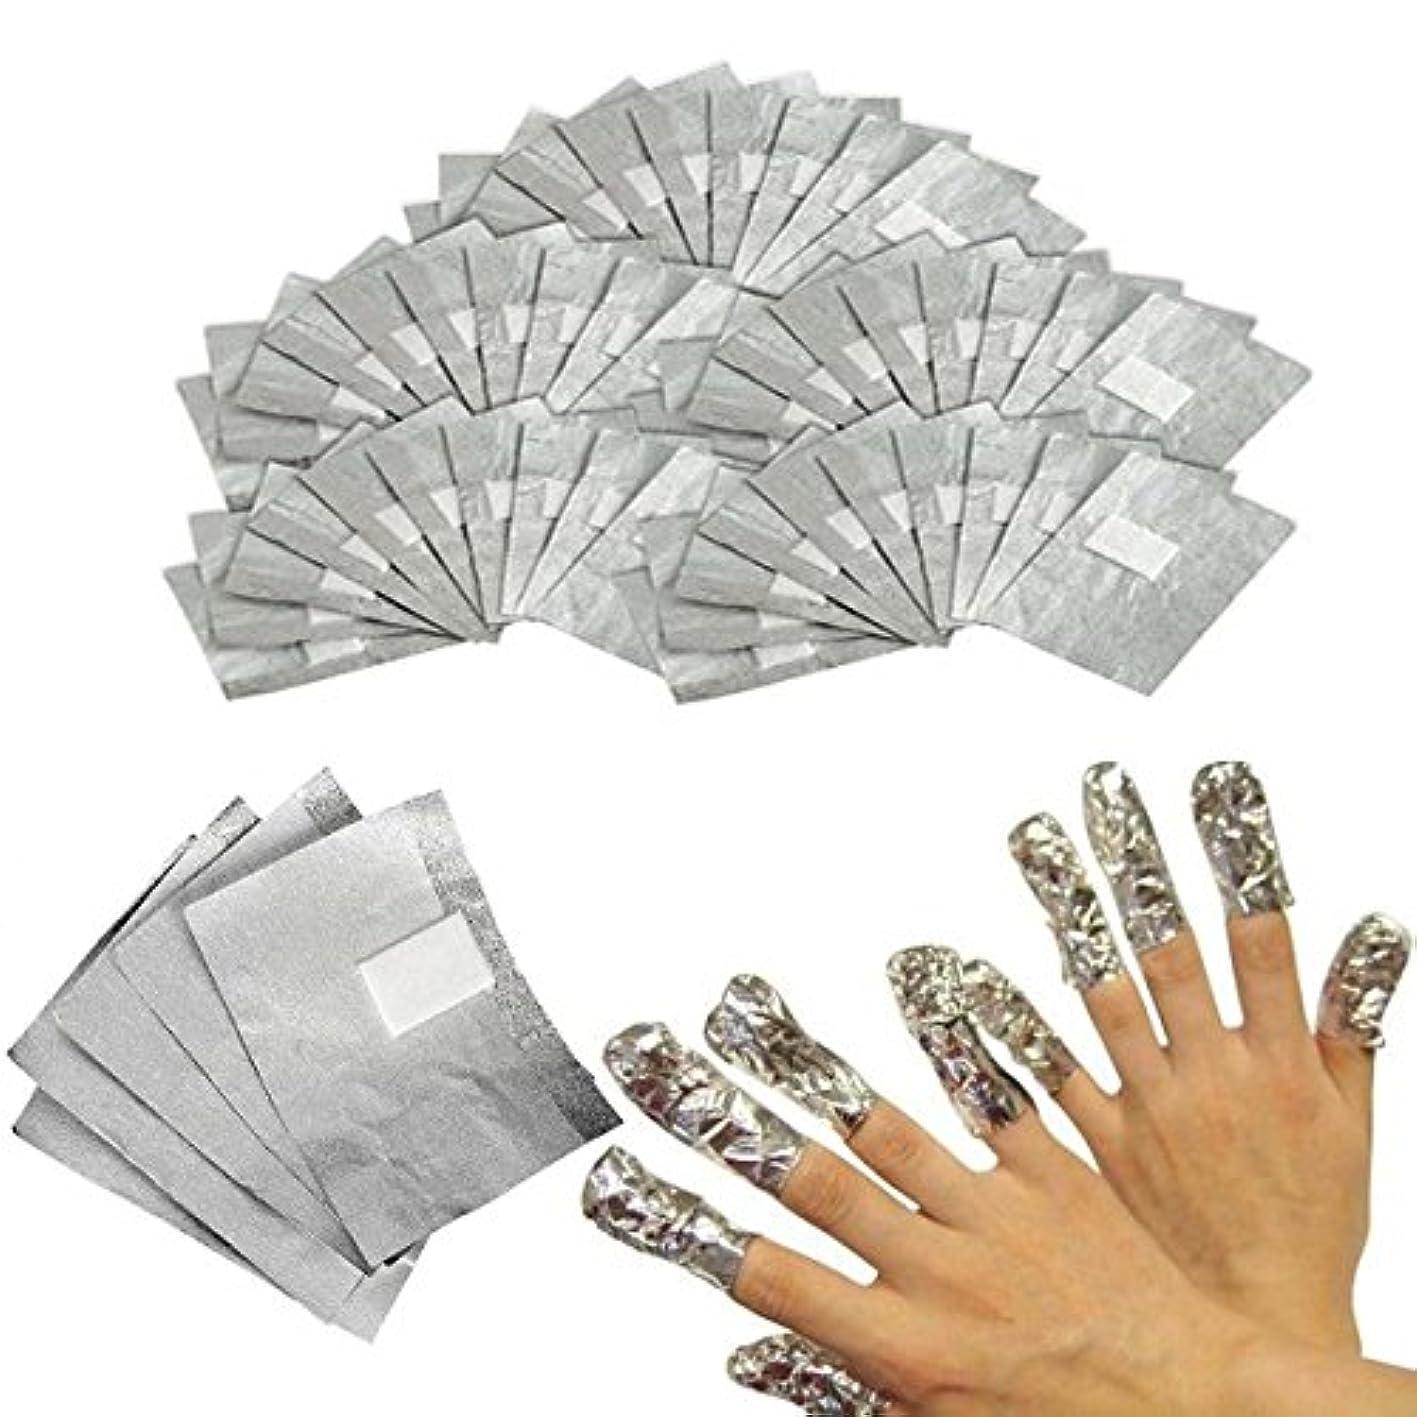 戦術援助対応するElitlife 200枚セット アクリルUVジェル ネイルポリッシュをきれいにオフ コットン付きアルミホイル 素敵な在宅ゲル爪マニキュア用品